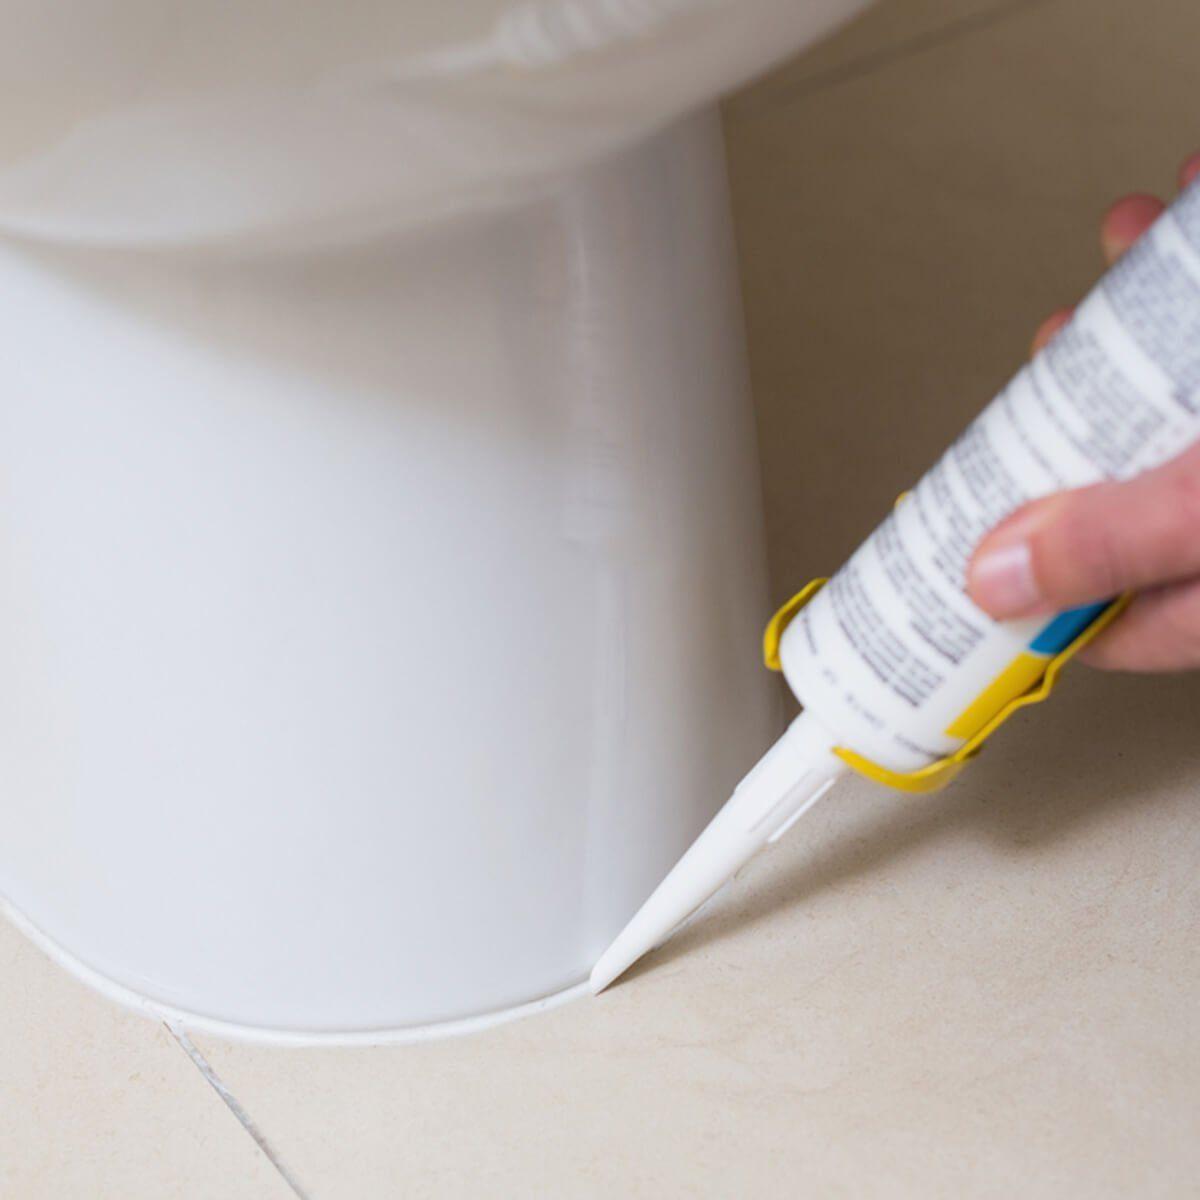 dfh11_shutterstock_162399491 caulk around a toilet